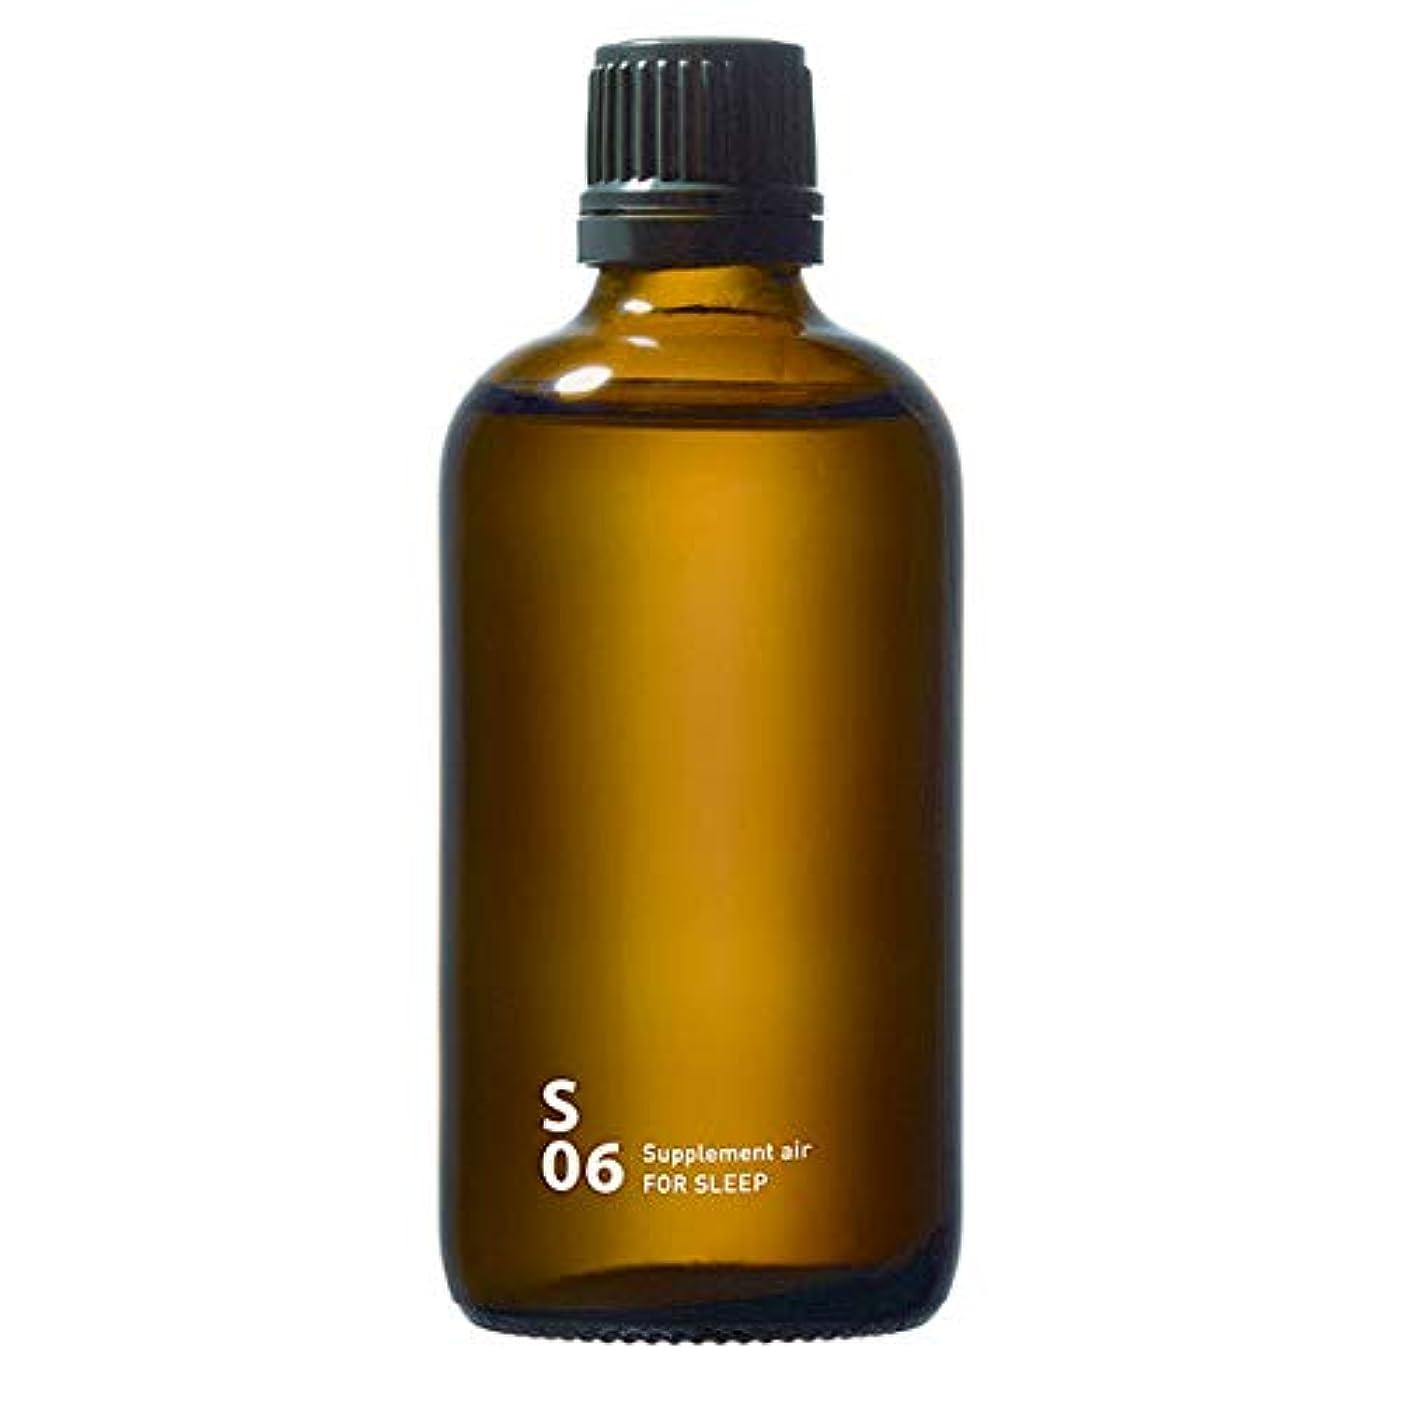 時々消費する重さS06 FOR SLEEP piezo aroma oil 100ml